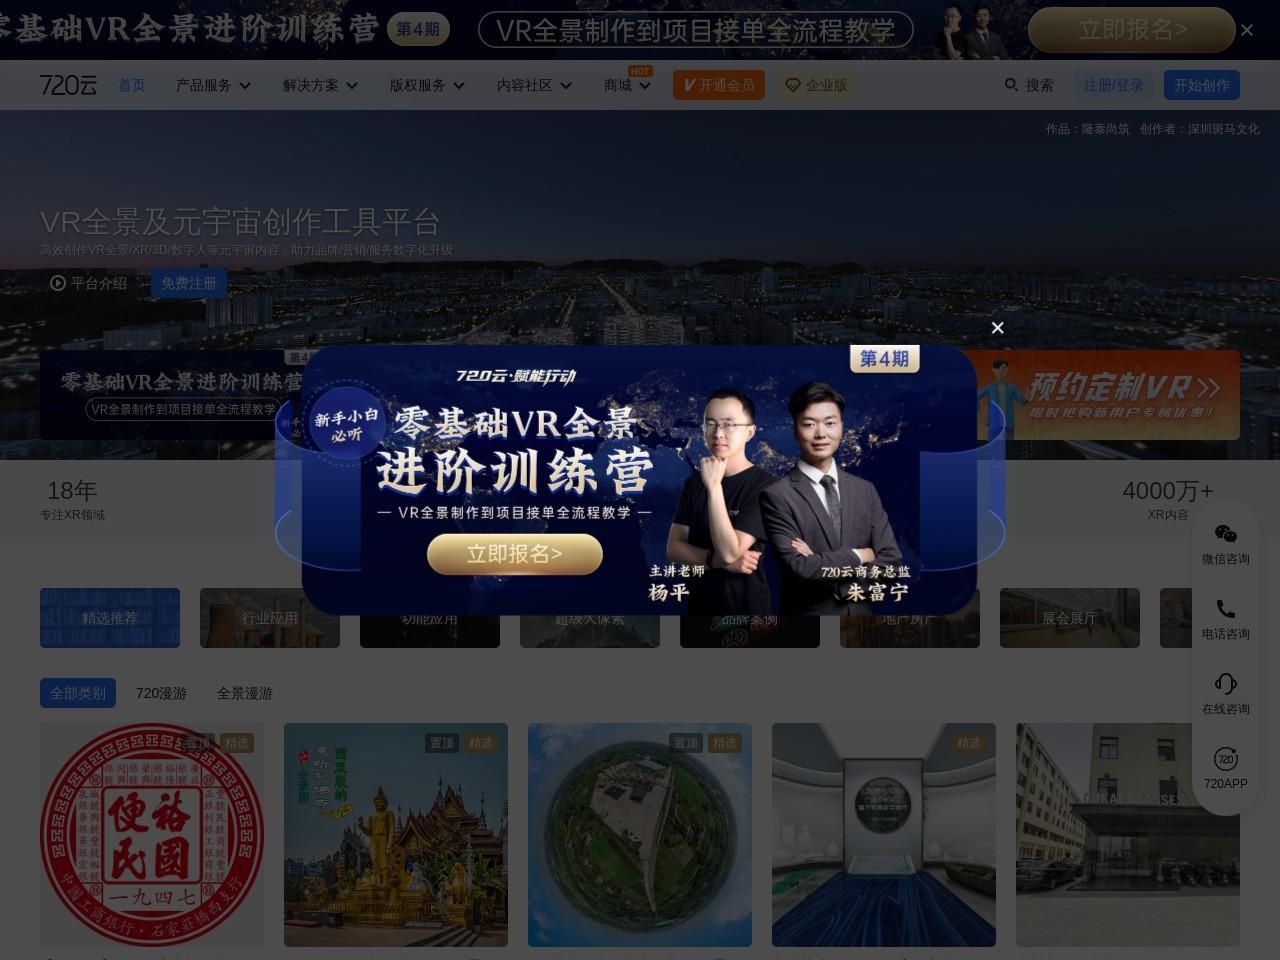 720云VR全景制作网(720yun.com)